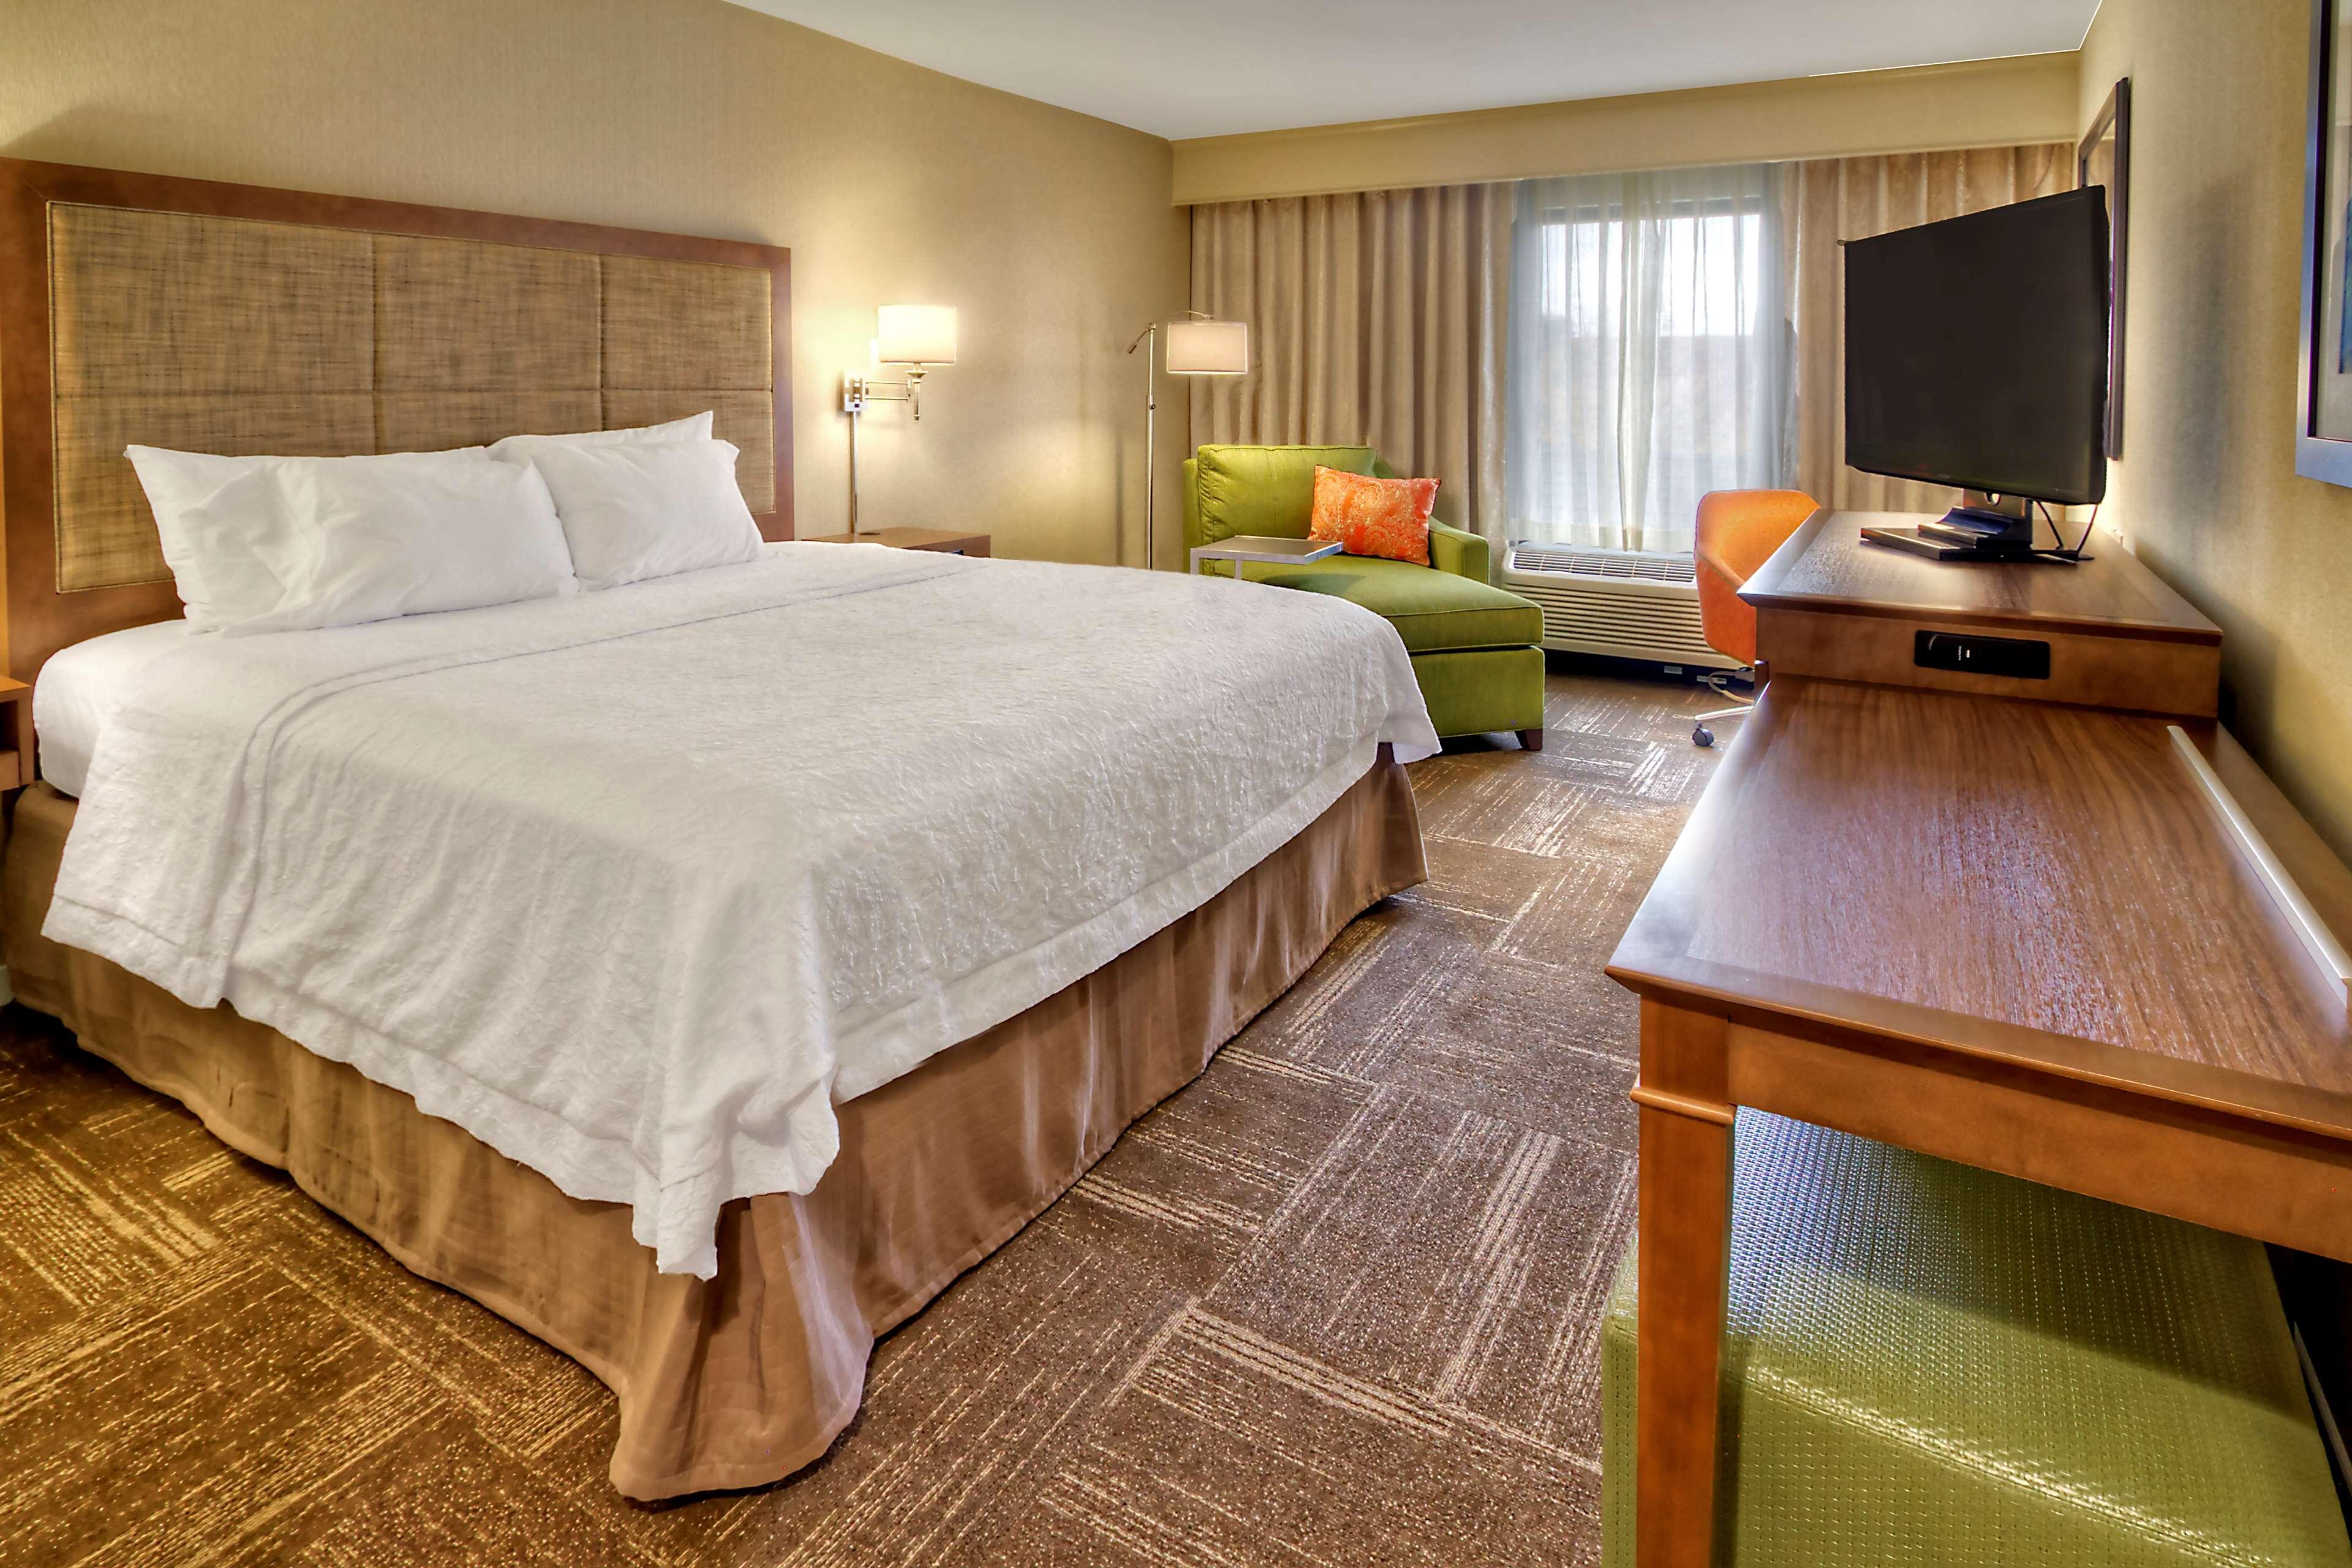 Hampton Inn & Suites Asheville-I-26 image 11